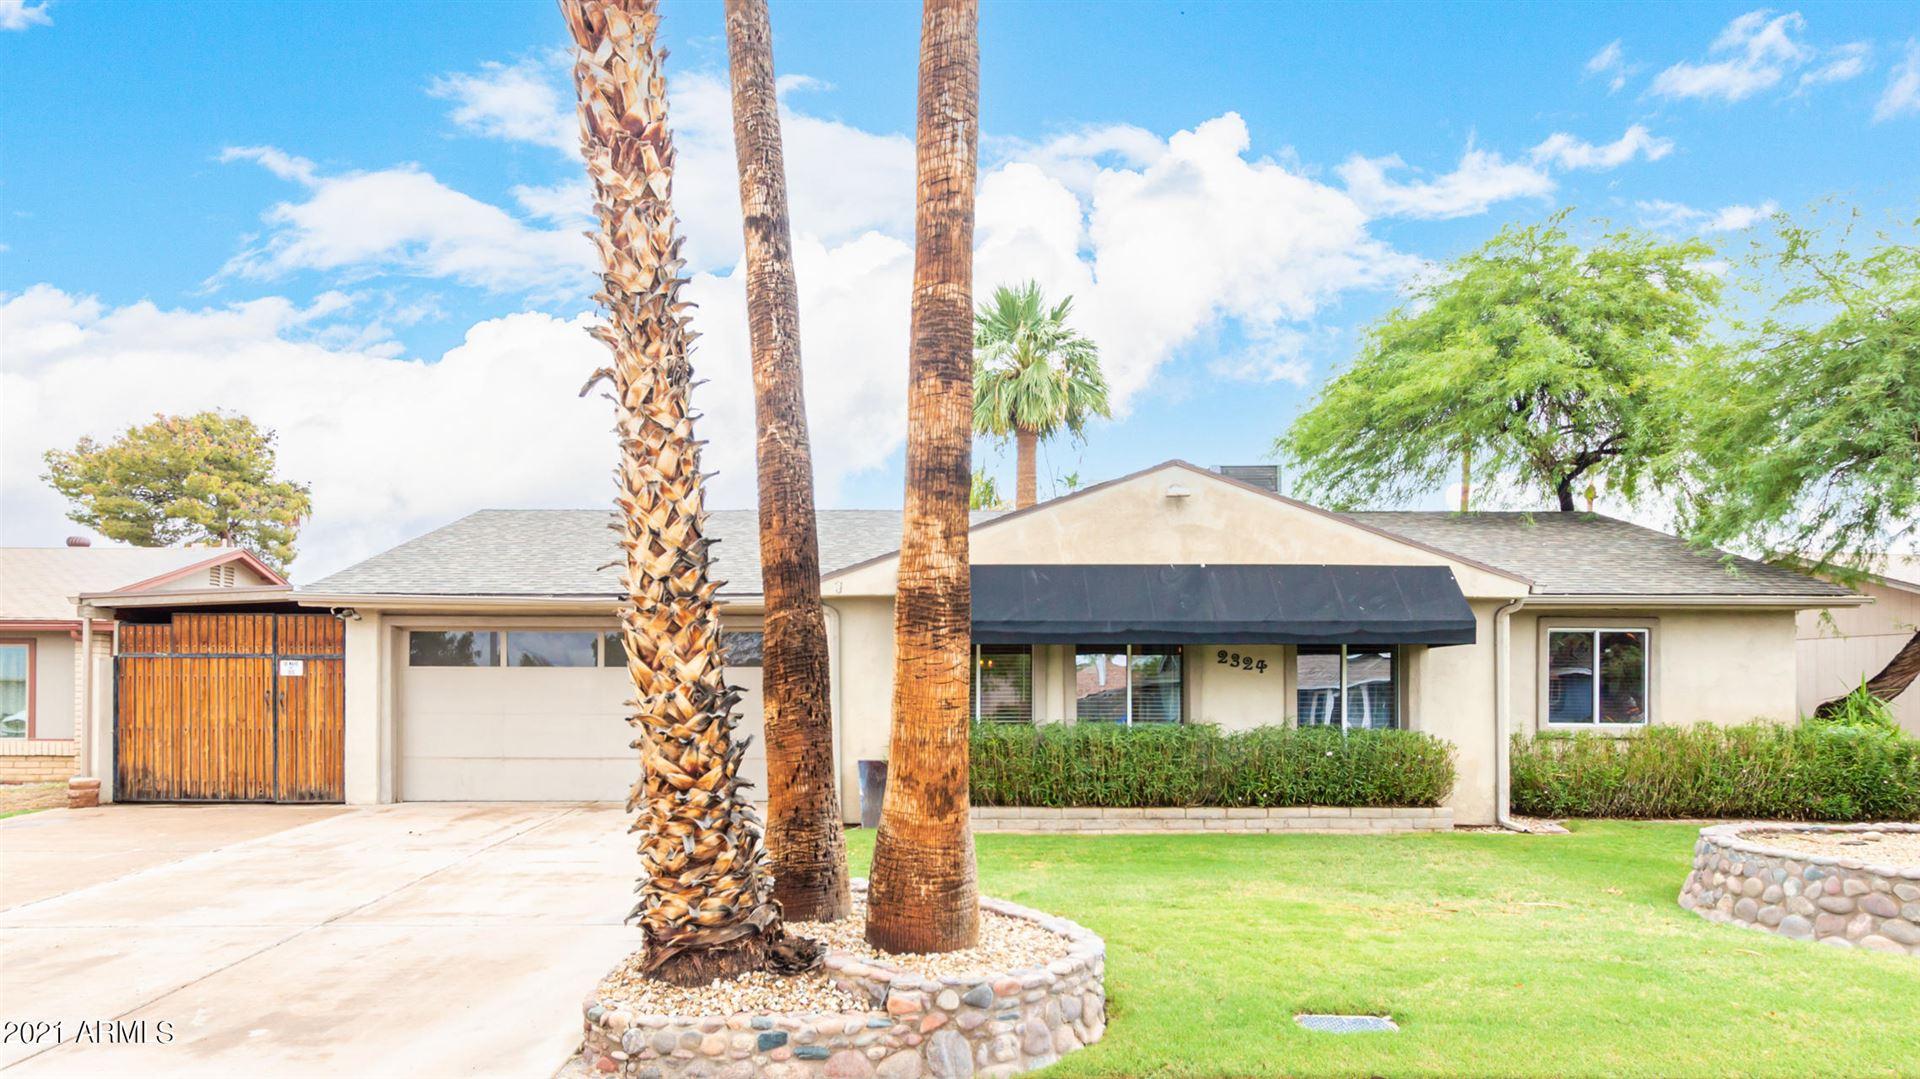 2324 E CONCORDA Drive, Tempe, AZ 85282 - MLS#: 6270545